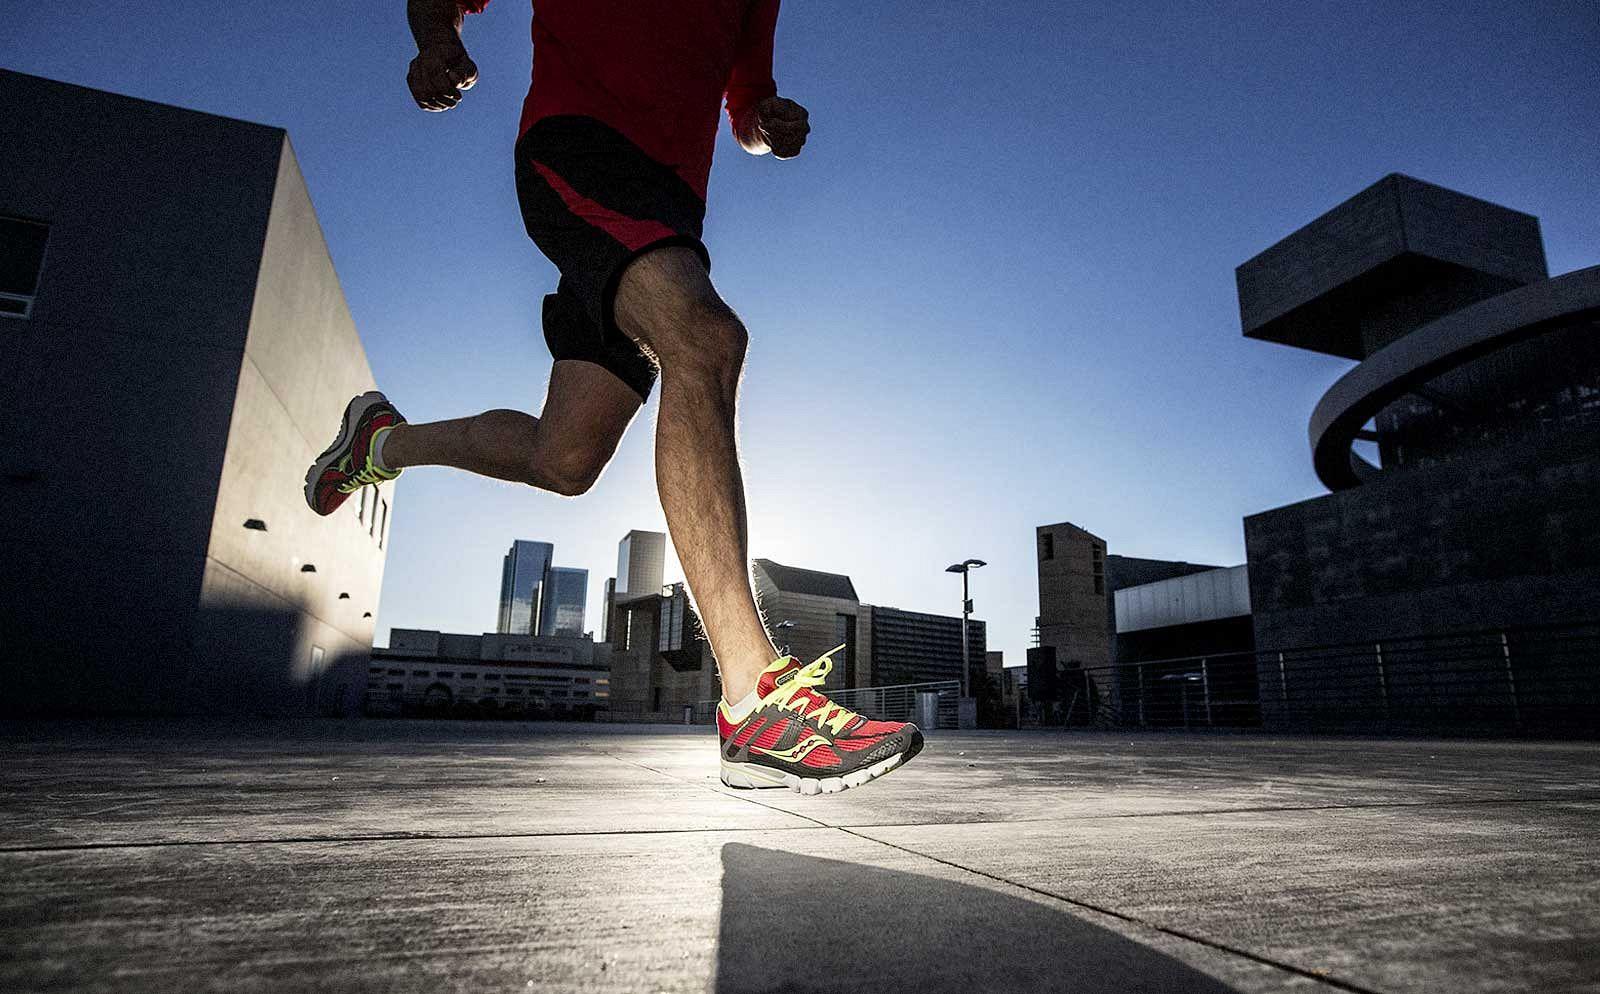 Jogging Athlete